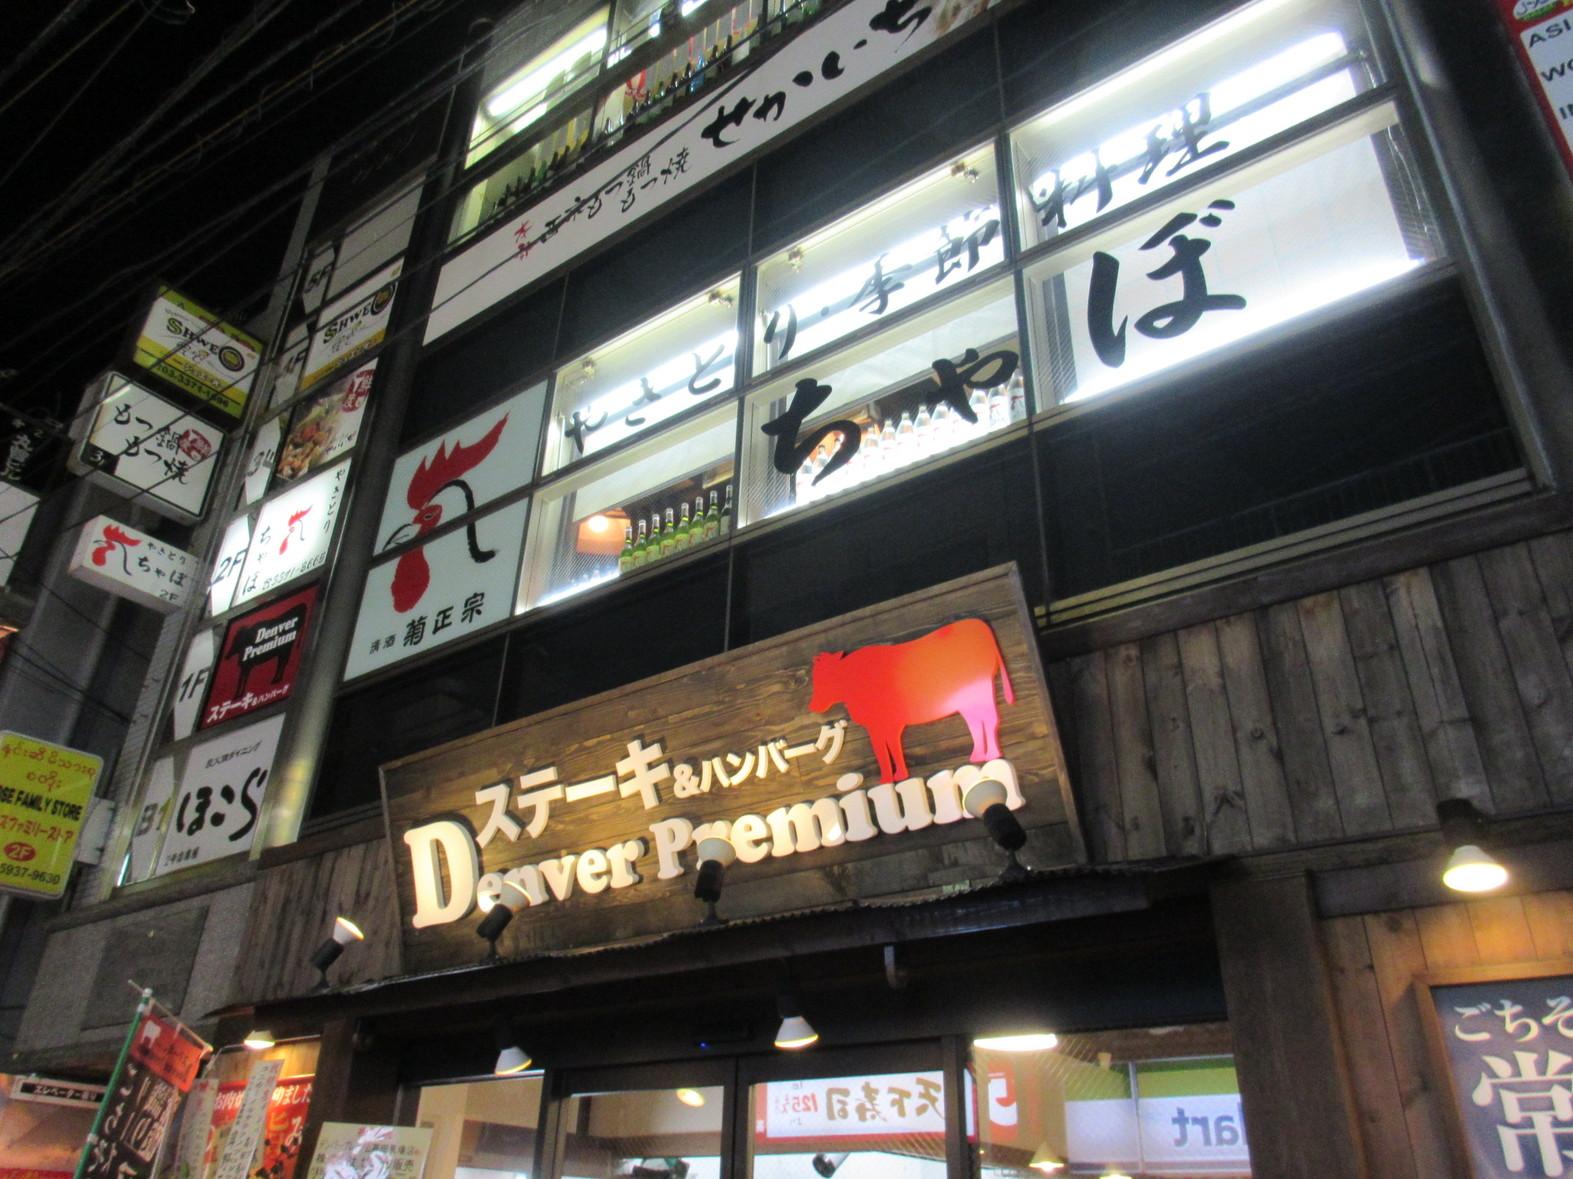 デンバープレミアム 高田馬場店